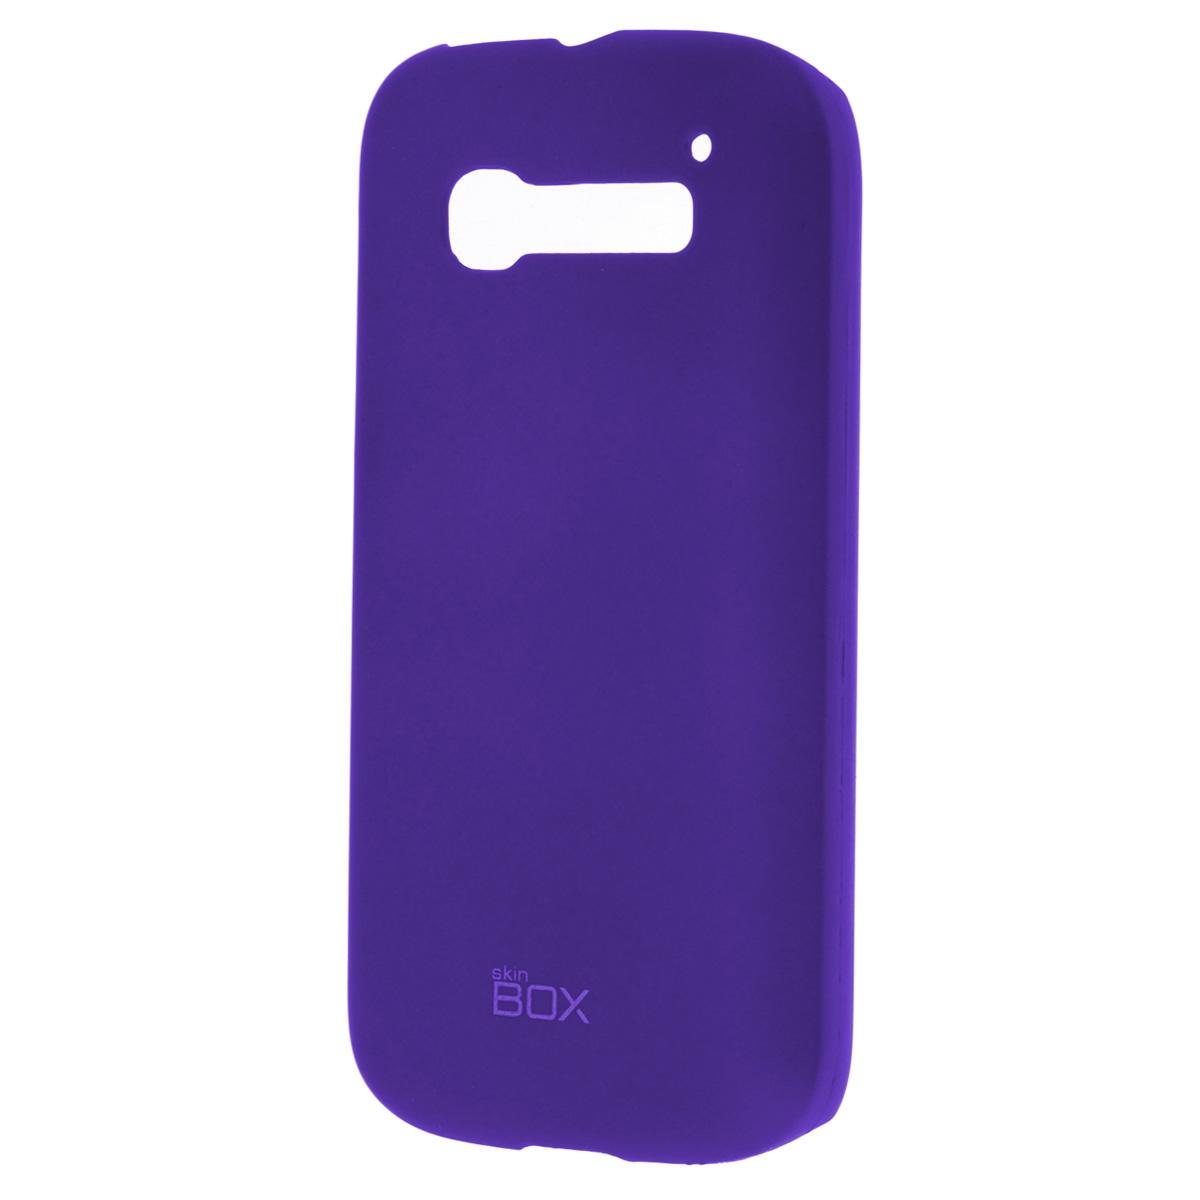 Skinbox Shield 4People чехол для Alcatel 5036D С5, BlueT-S-A5036D-002Чехол Skinbox Shield 4People для Alcatel One Touch Pop C5 предназначен для защиты корпуса смартфона от механических повреждений и царапин в процессе эксплуатации. Имеется свободный доступ ко всем разъемам и кнопкам устройства. В комплект также входит защитная пленка на экран телефона.